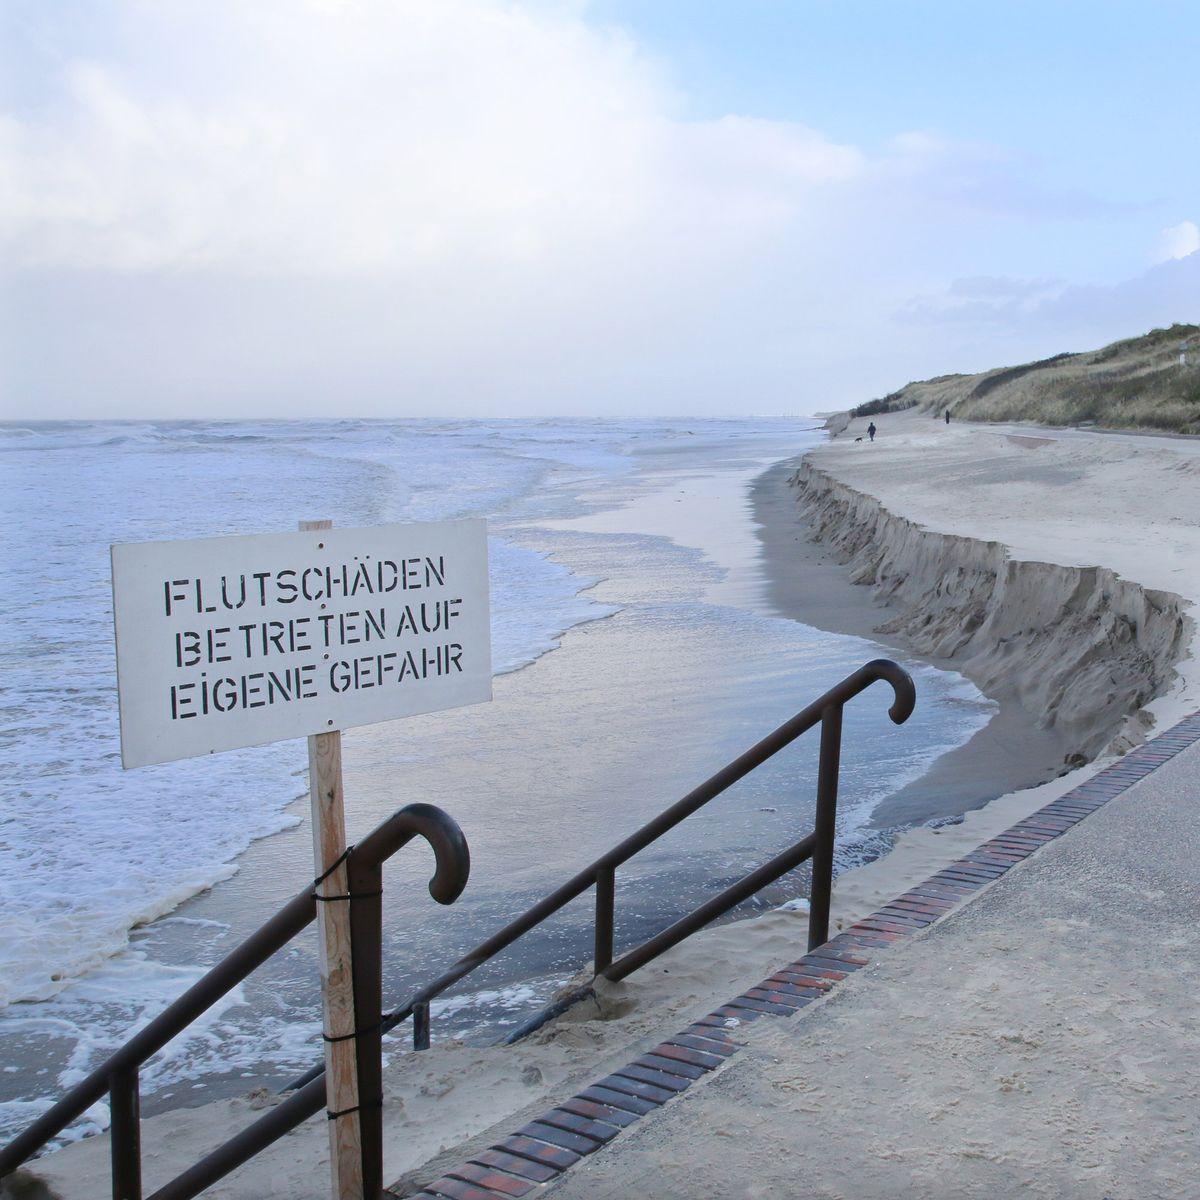 Sturmflutschäden auf Wangerooge: Kein schöner Strand in dieser Zeit